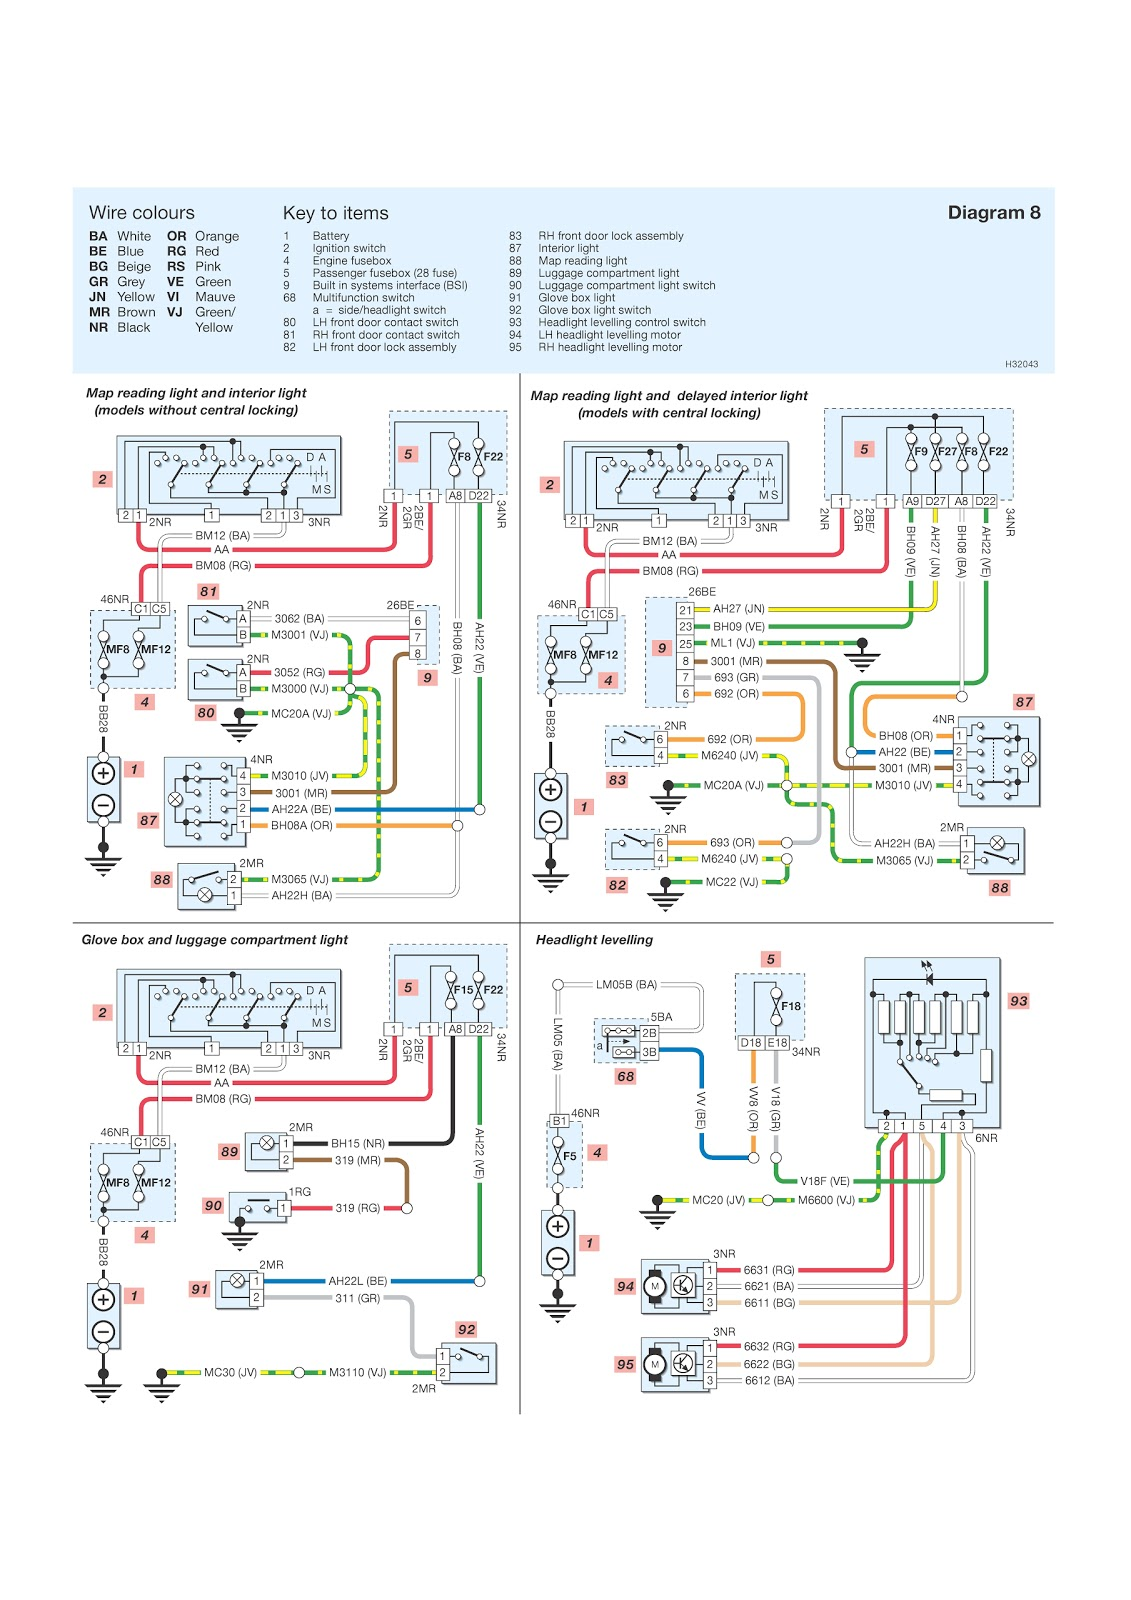 Fancy Peugeot 206 Wiring Diagram Elaboration - Wiring Schematics and ...